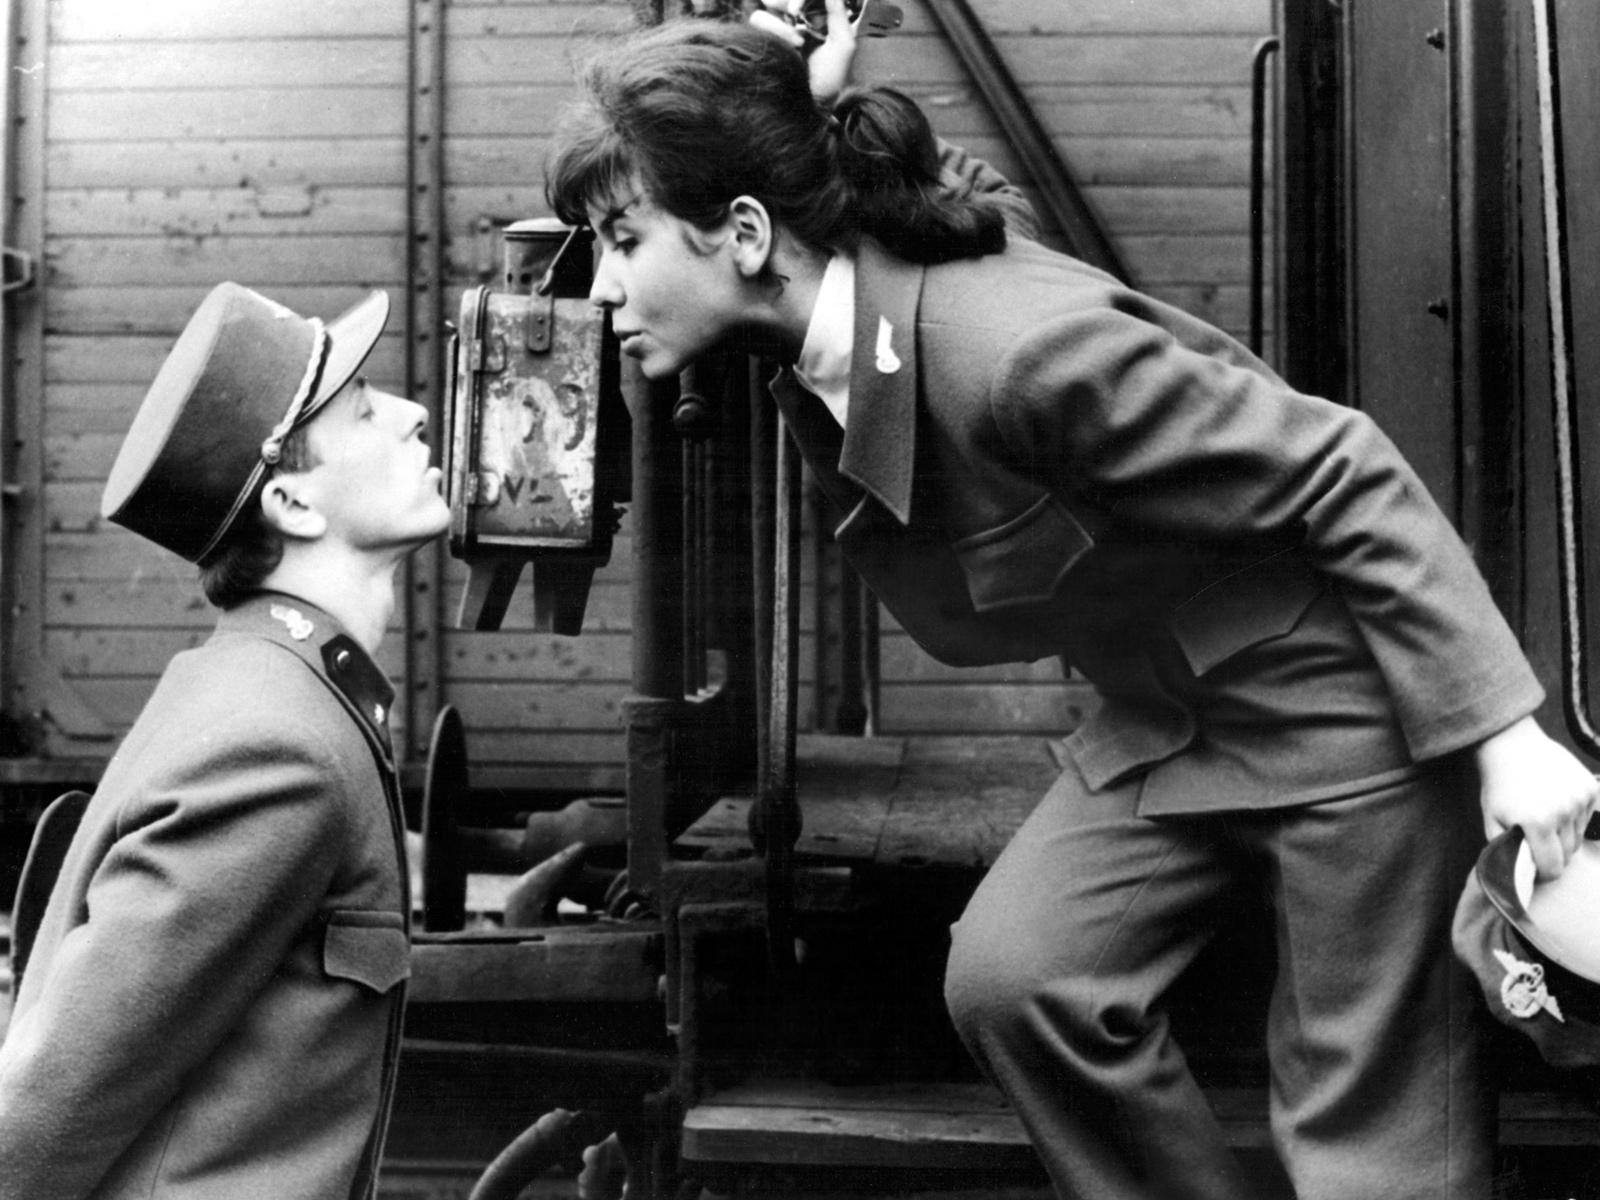 Václav Neckář and Jitka Bendová in Jiří Menzel's film Closely Watched Trains (1966), which is based on a novel by Bohumil Hrabal